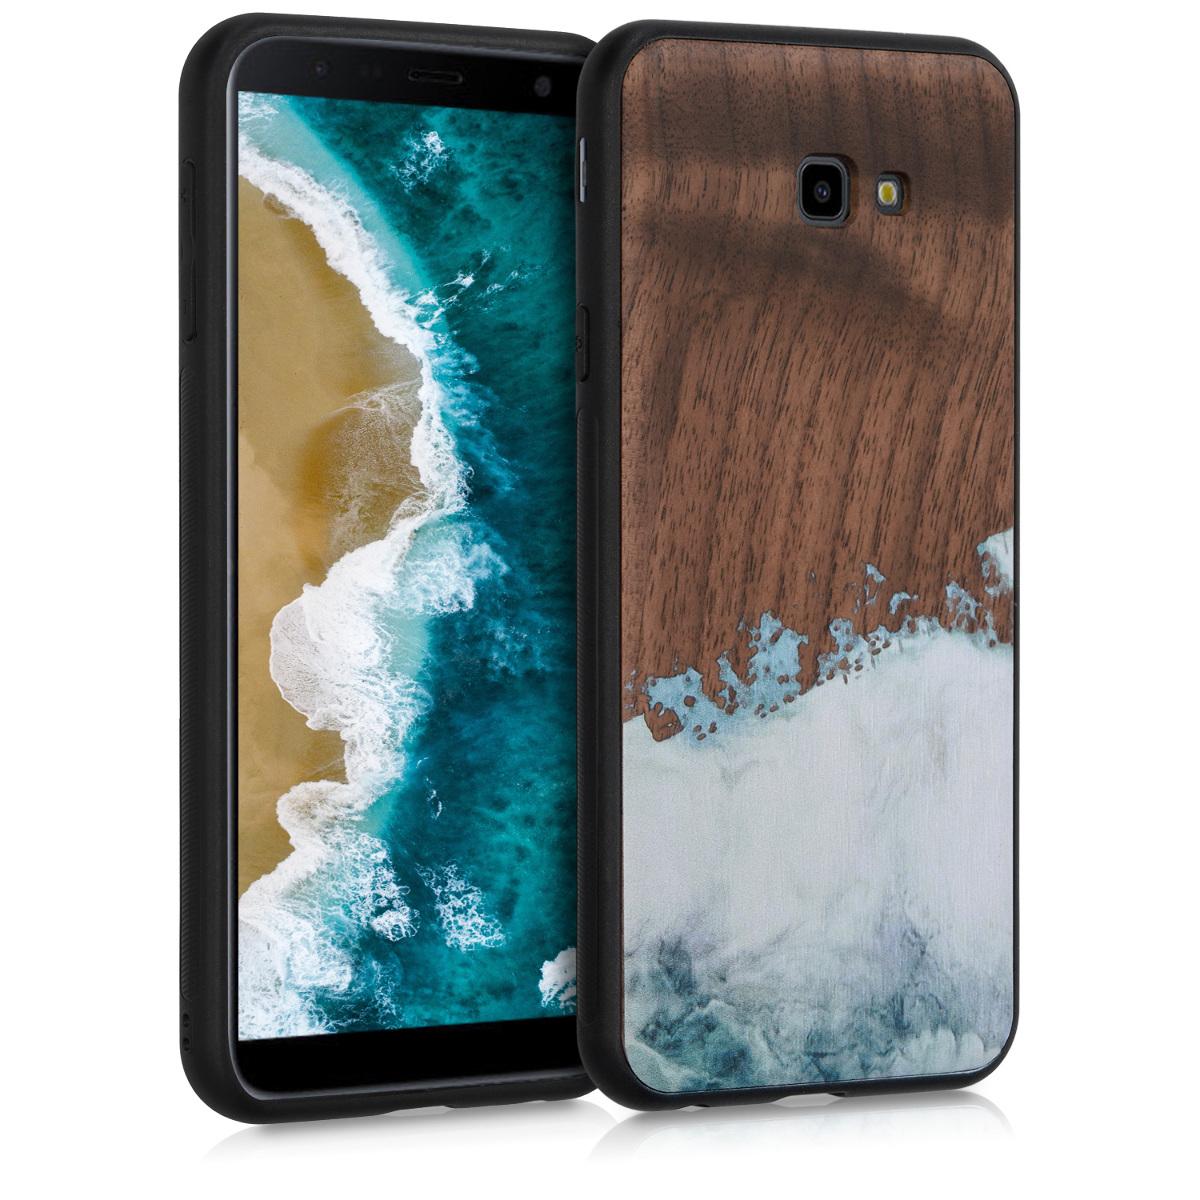 Dřevěné pouzdro pro Samsung J4+ | J4 Plus DUOS - Akvarel Waves světle  modré / bílé / Brown